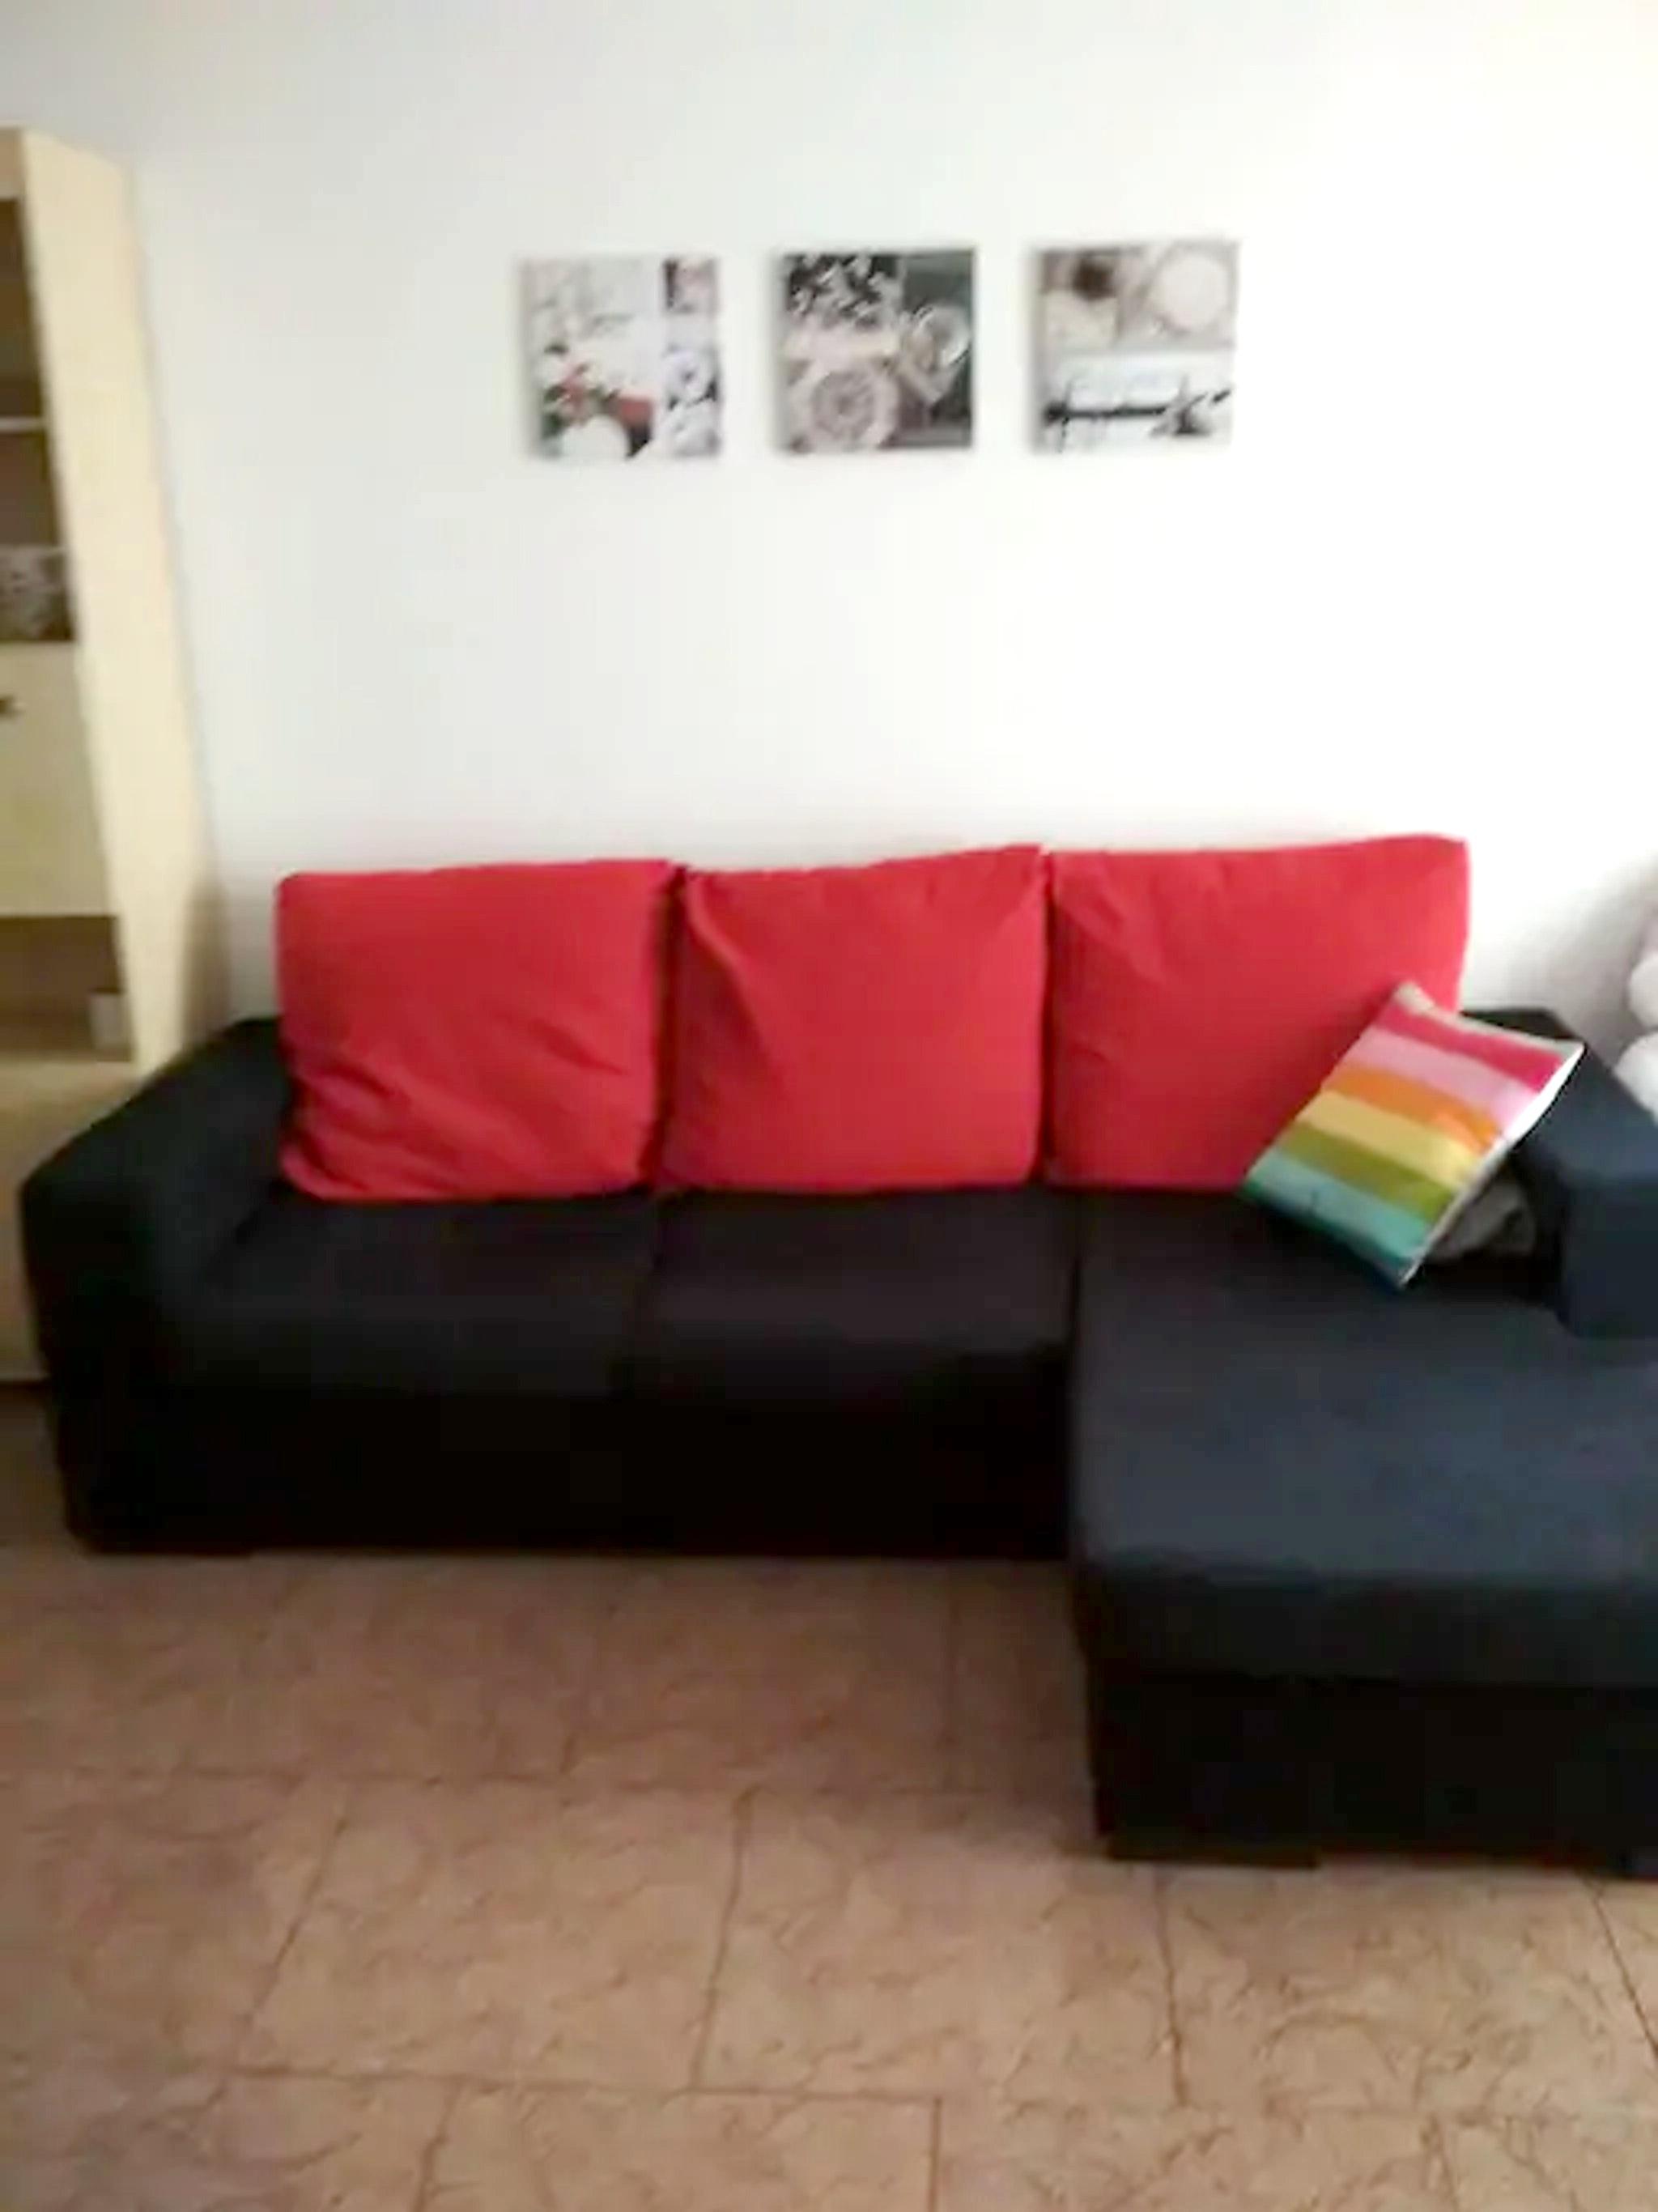 Ferienwohnung Wohnung mit 2 Schlafzimmern in Parchal mit Pool, Balkon und W-LAN - 1 km vom Strand entfer (2622202), Parchal, , Algarve, Portugal, Bild 8